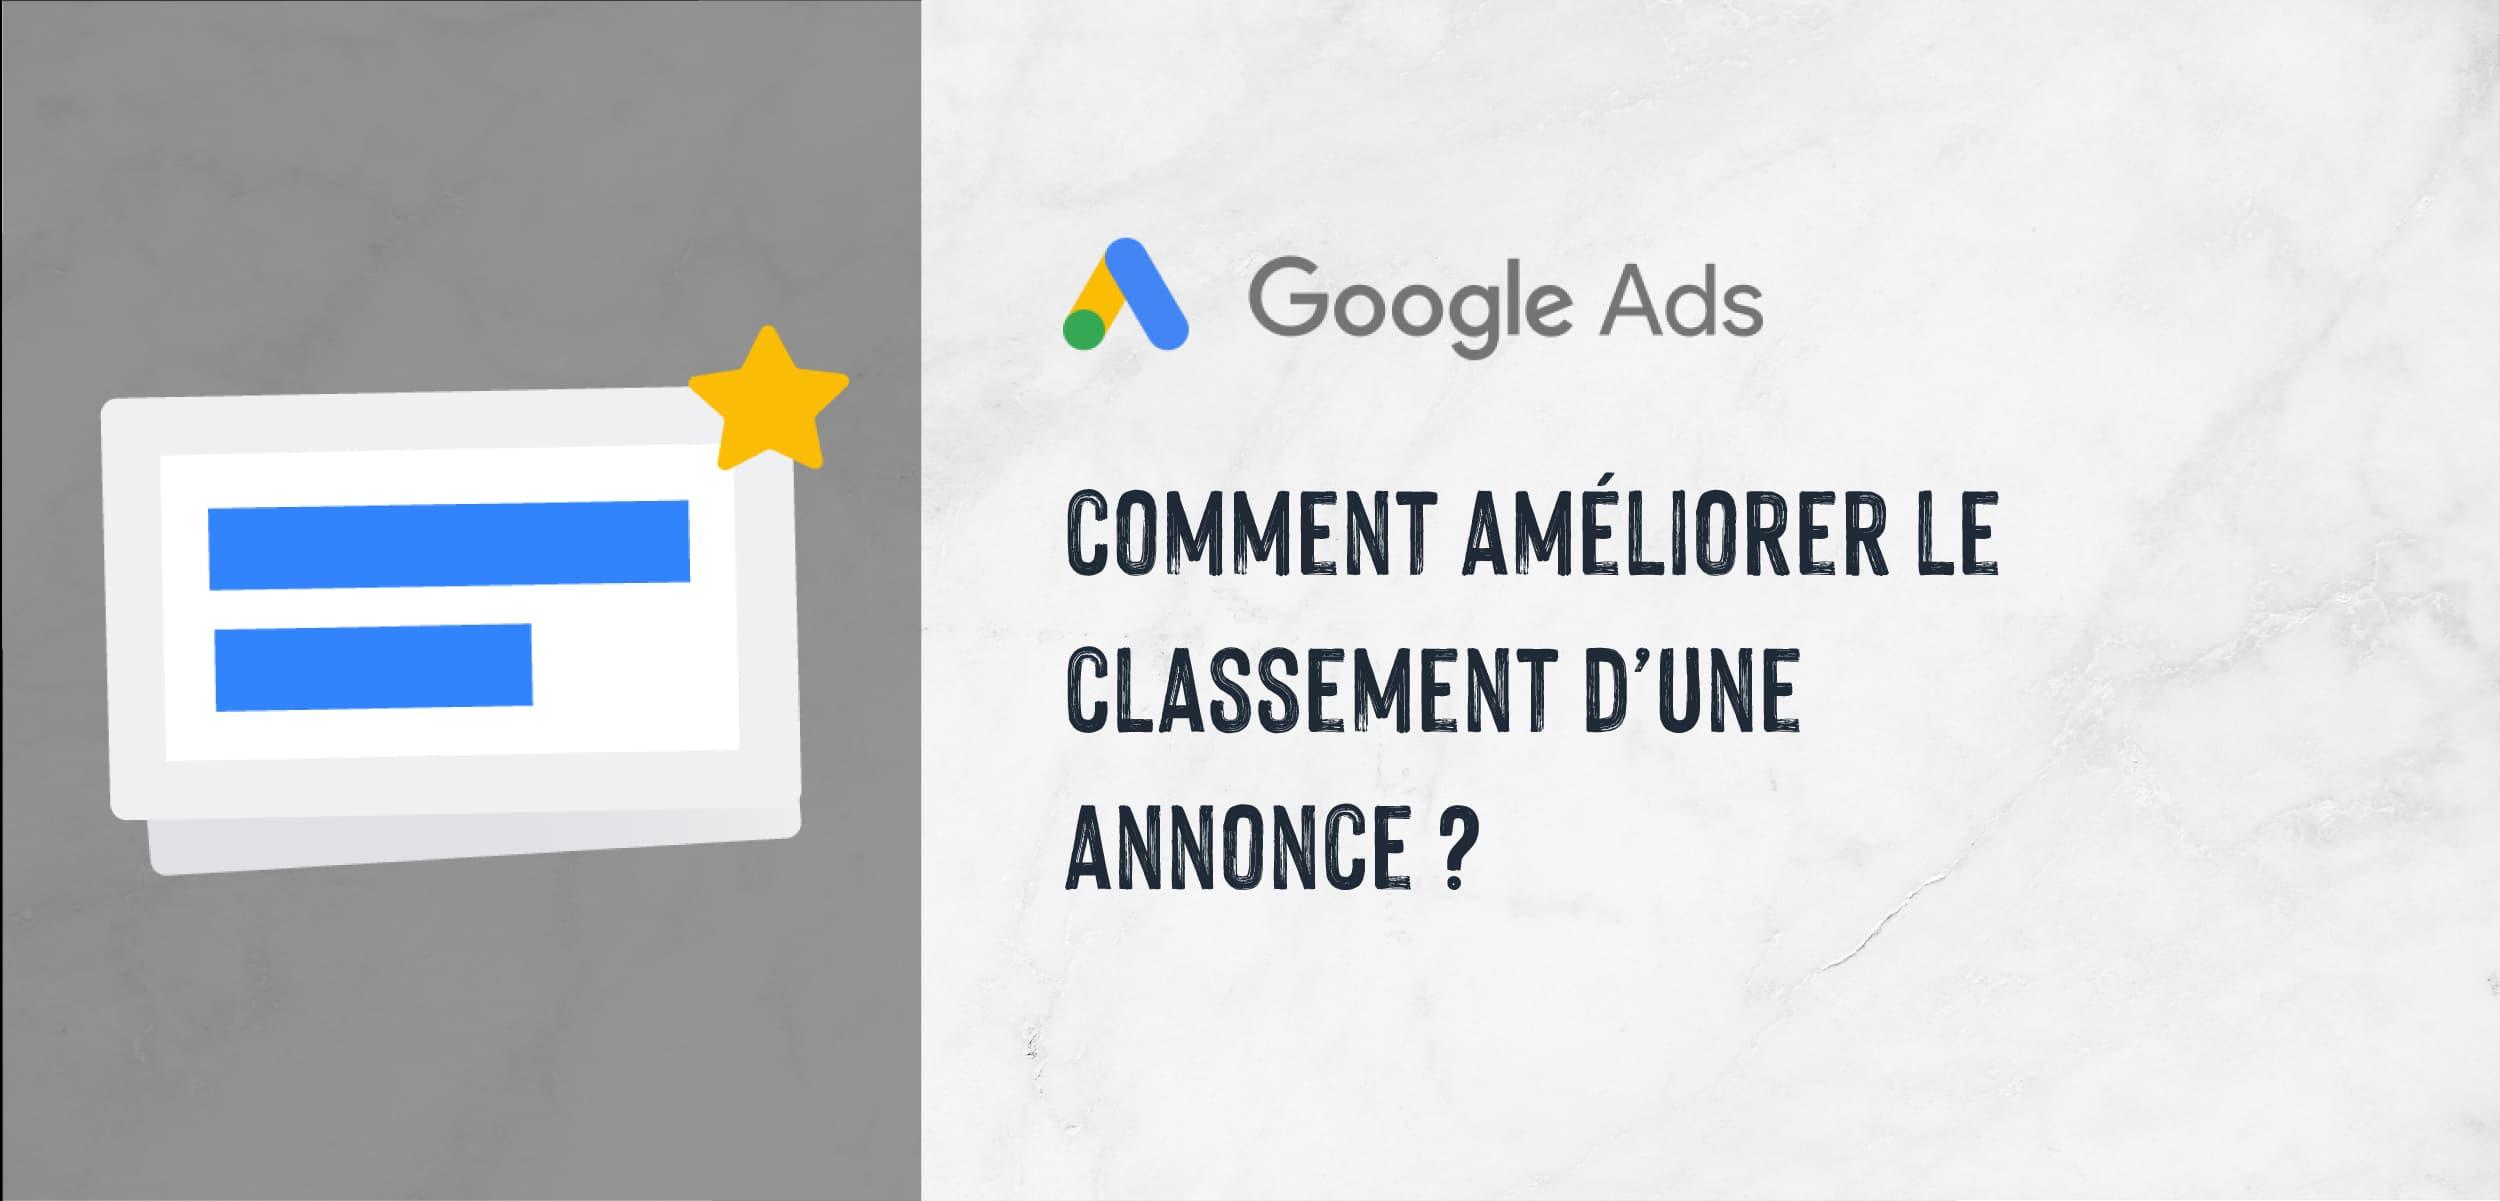 |Search Ads| Comment améliorer le classement d'une annonce ?